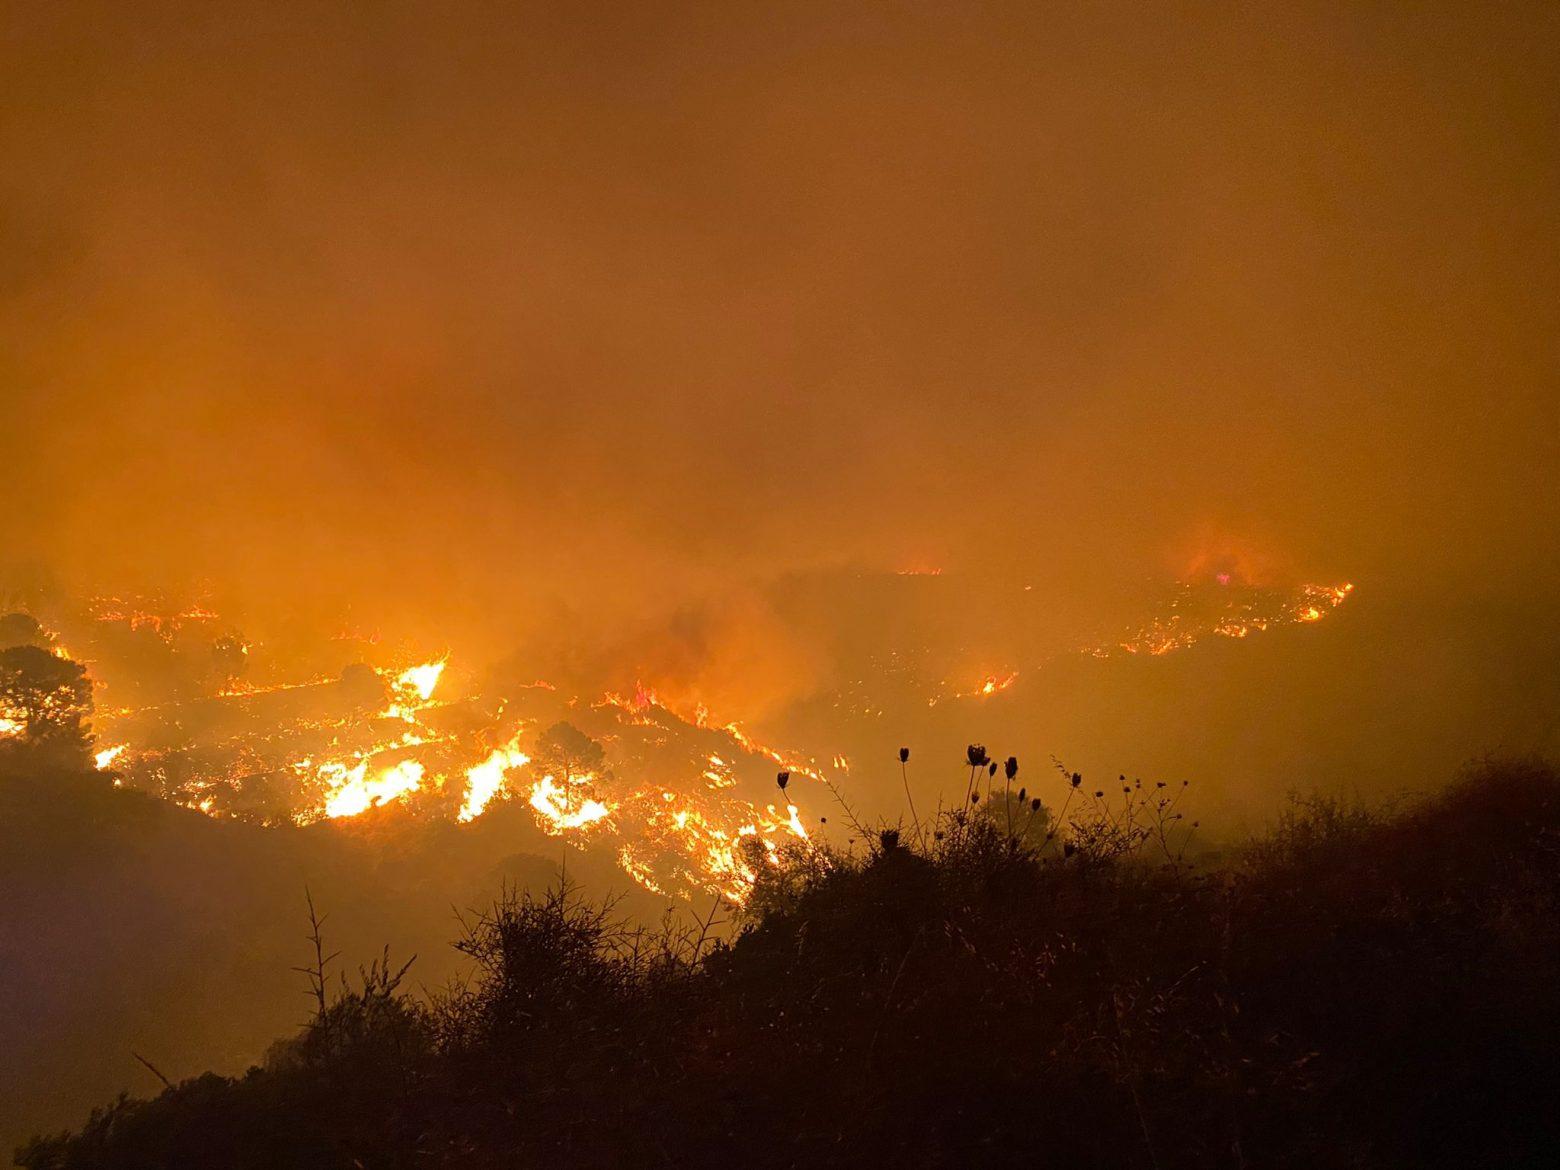 Ισπανία – Μεγάλη πυρκαγιά στο θέρετρο Εστεπόνα – 500 άνθρωποι εγκατέλειψαν τις εστίες τους